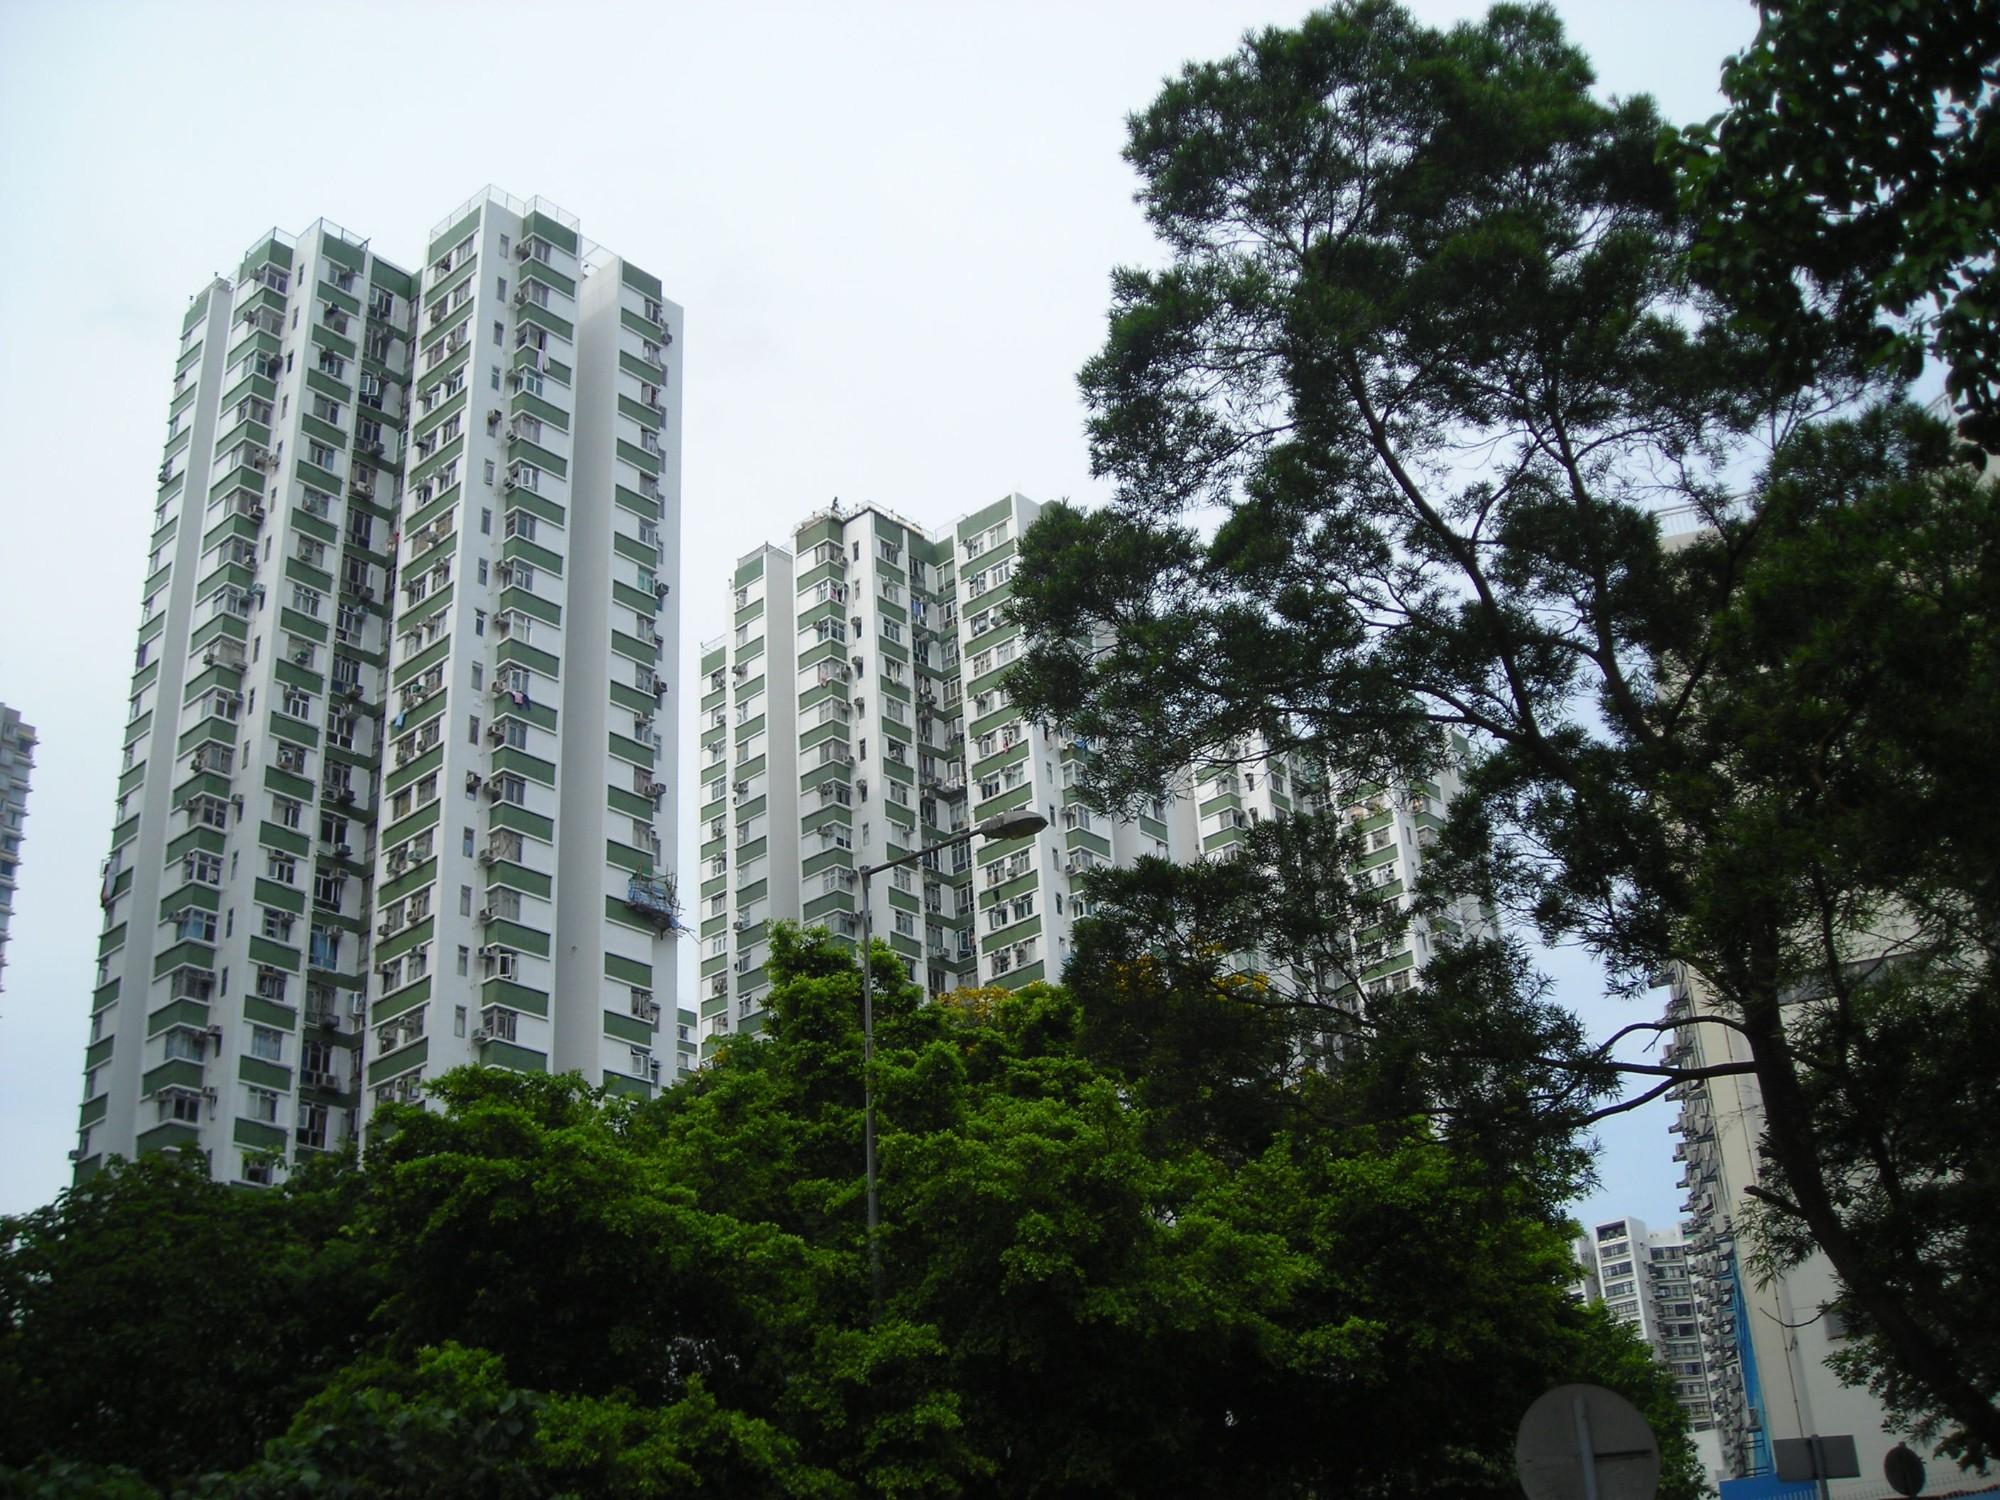 鰂魚涌 住宅 南豐新邨 基利坊 21號